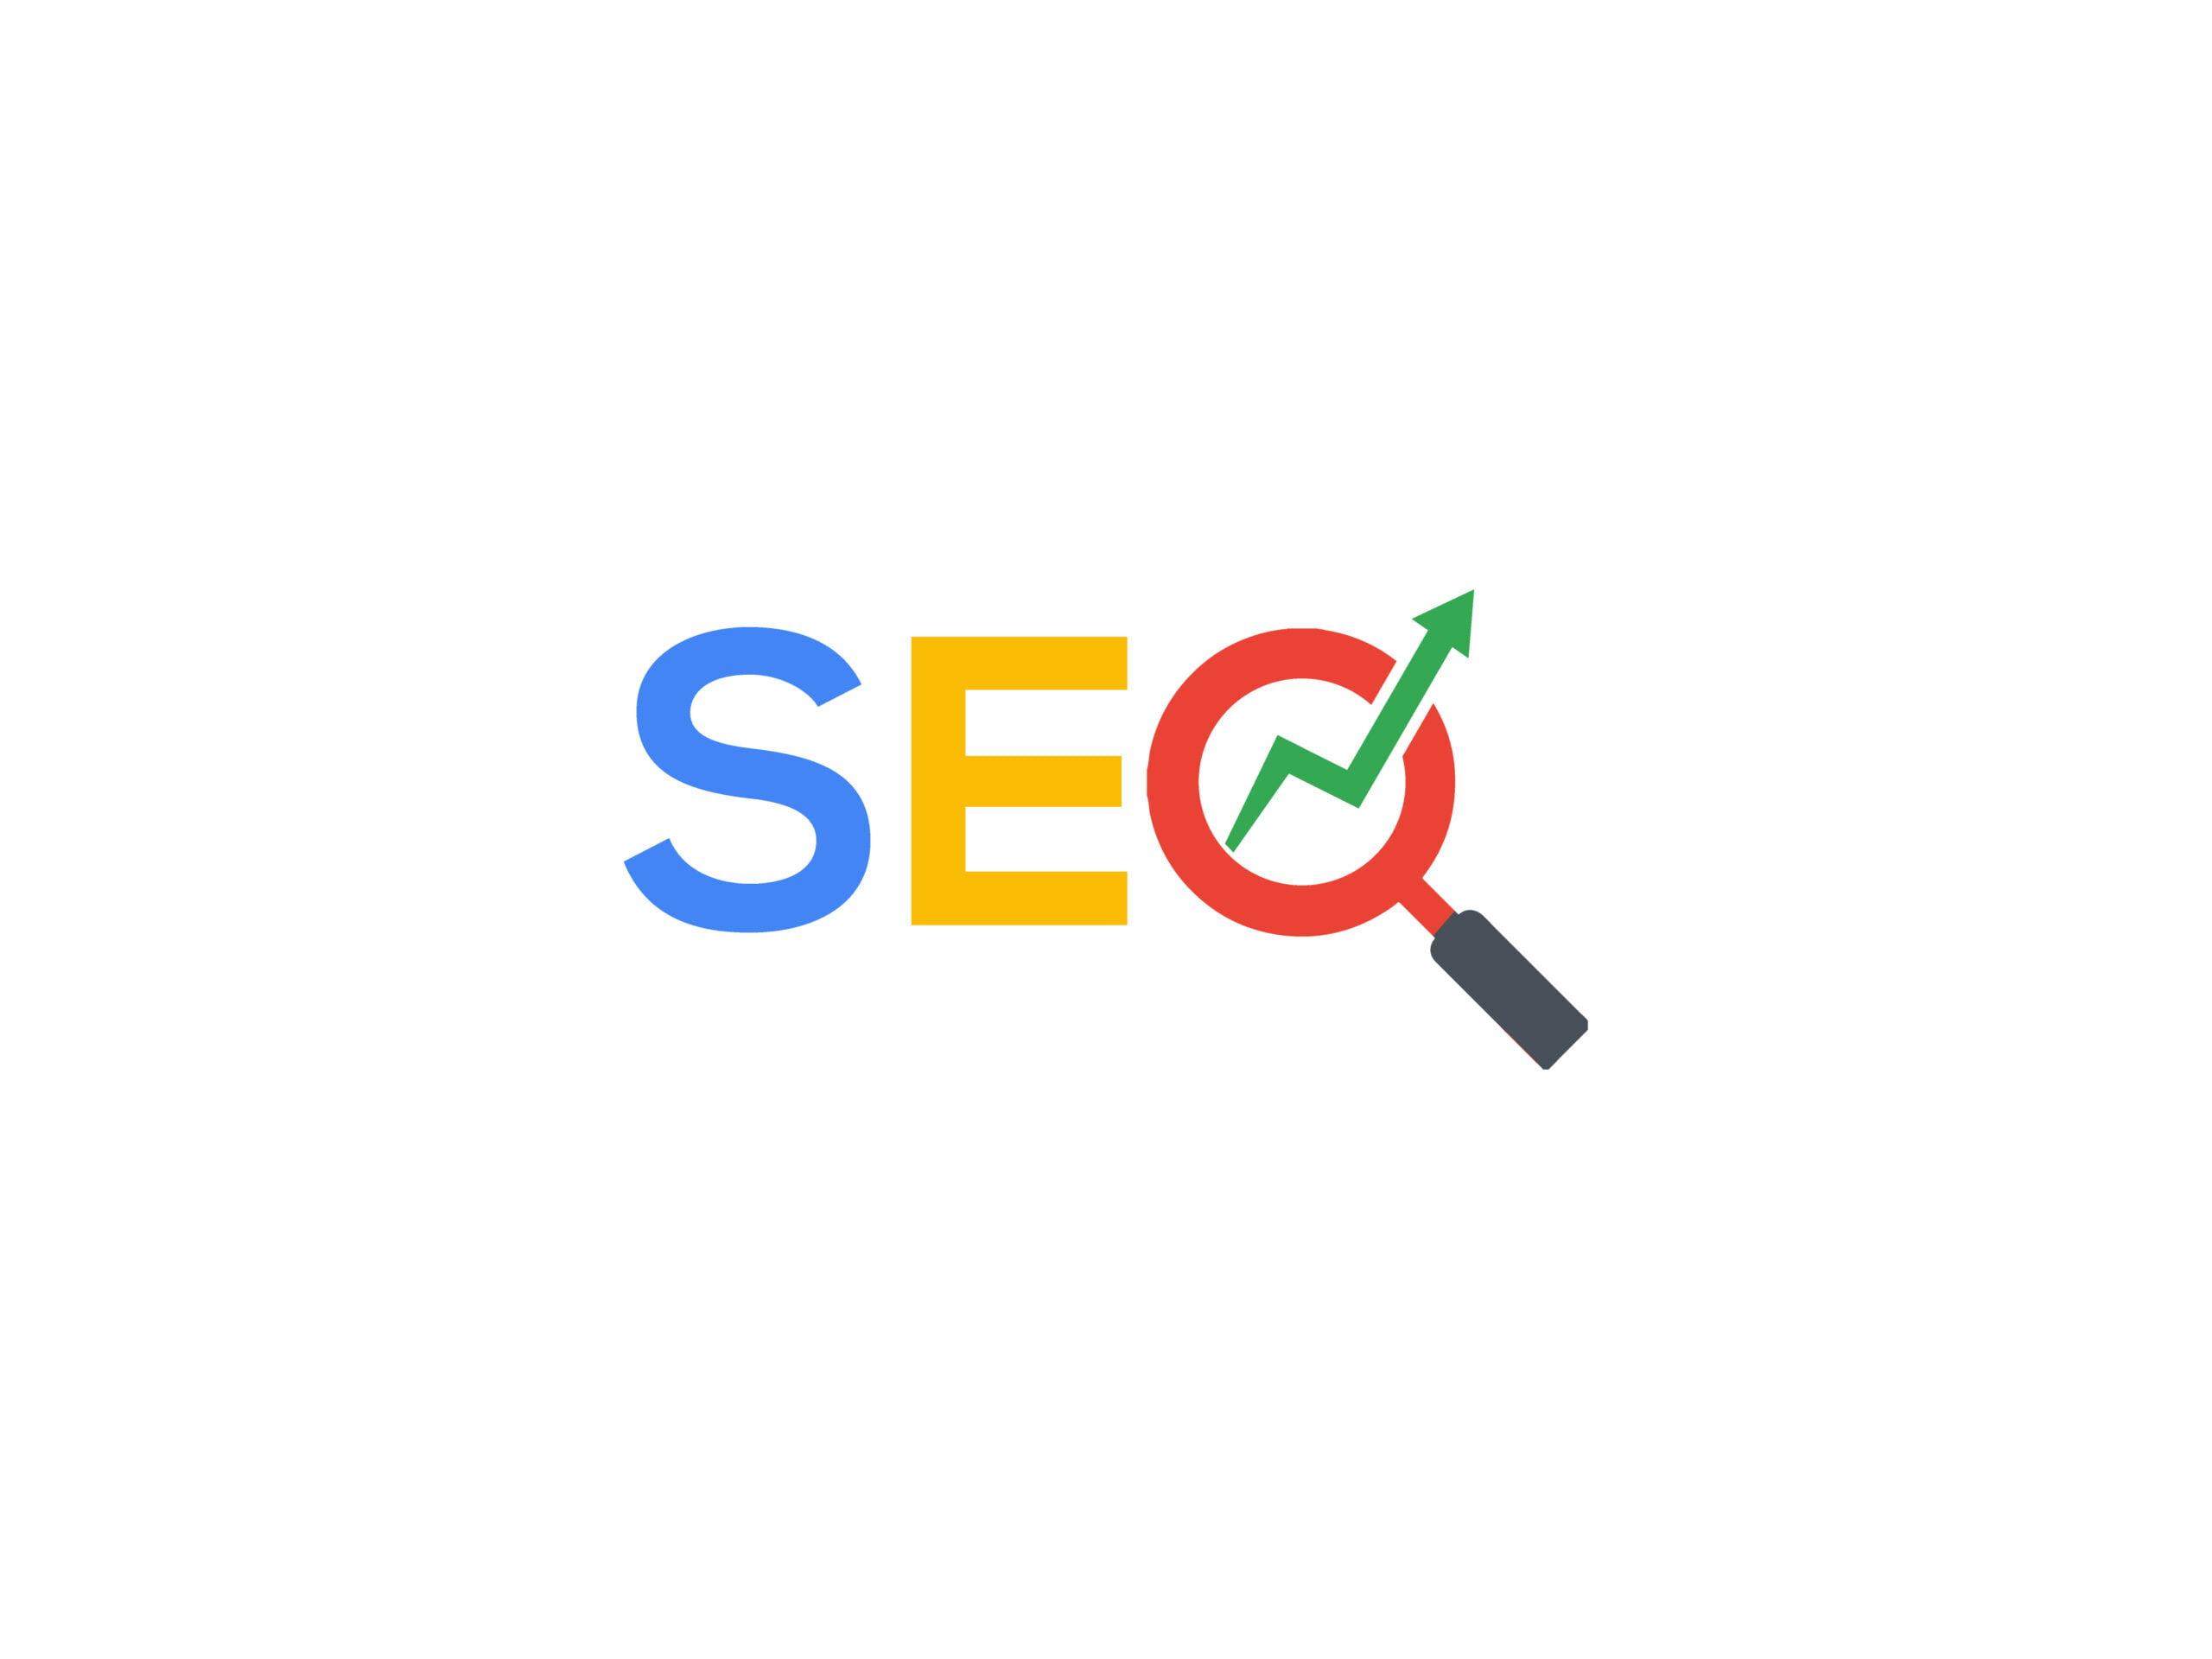 تصویر لوگو SEO با رنگهای لوگوی گوگل که حرف O به شکل زرهبین نمایش داده شده و یک فلش از وسط زرهبین بیرون آمده به سمت بالا که تداعی کننده بهبود و افزایش رتبه است